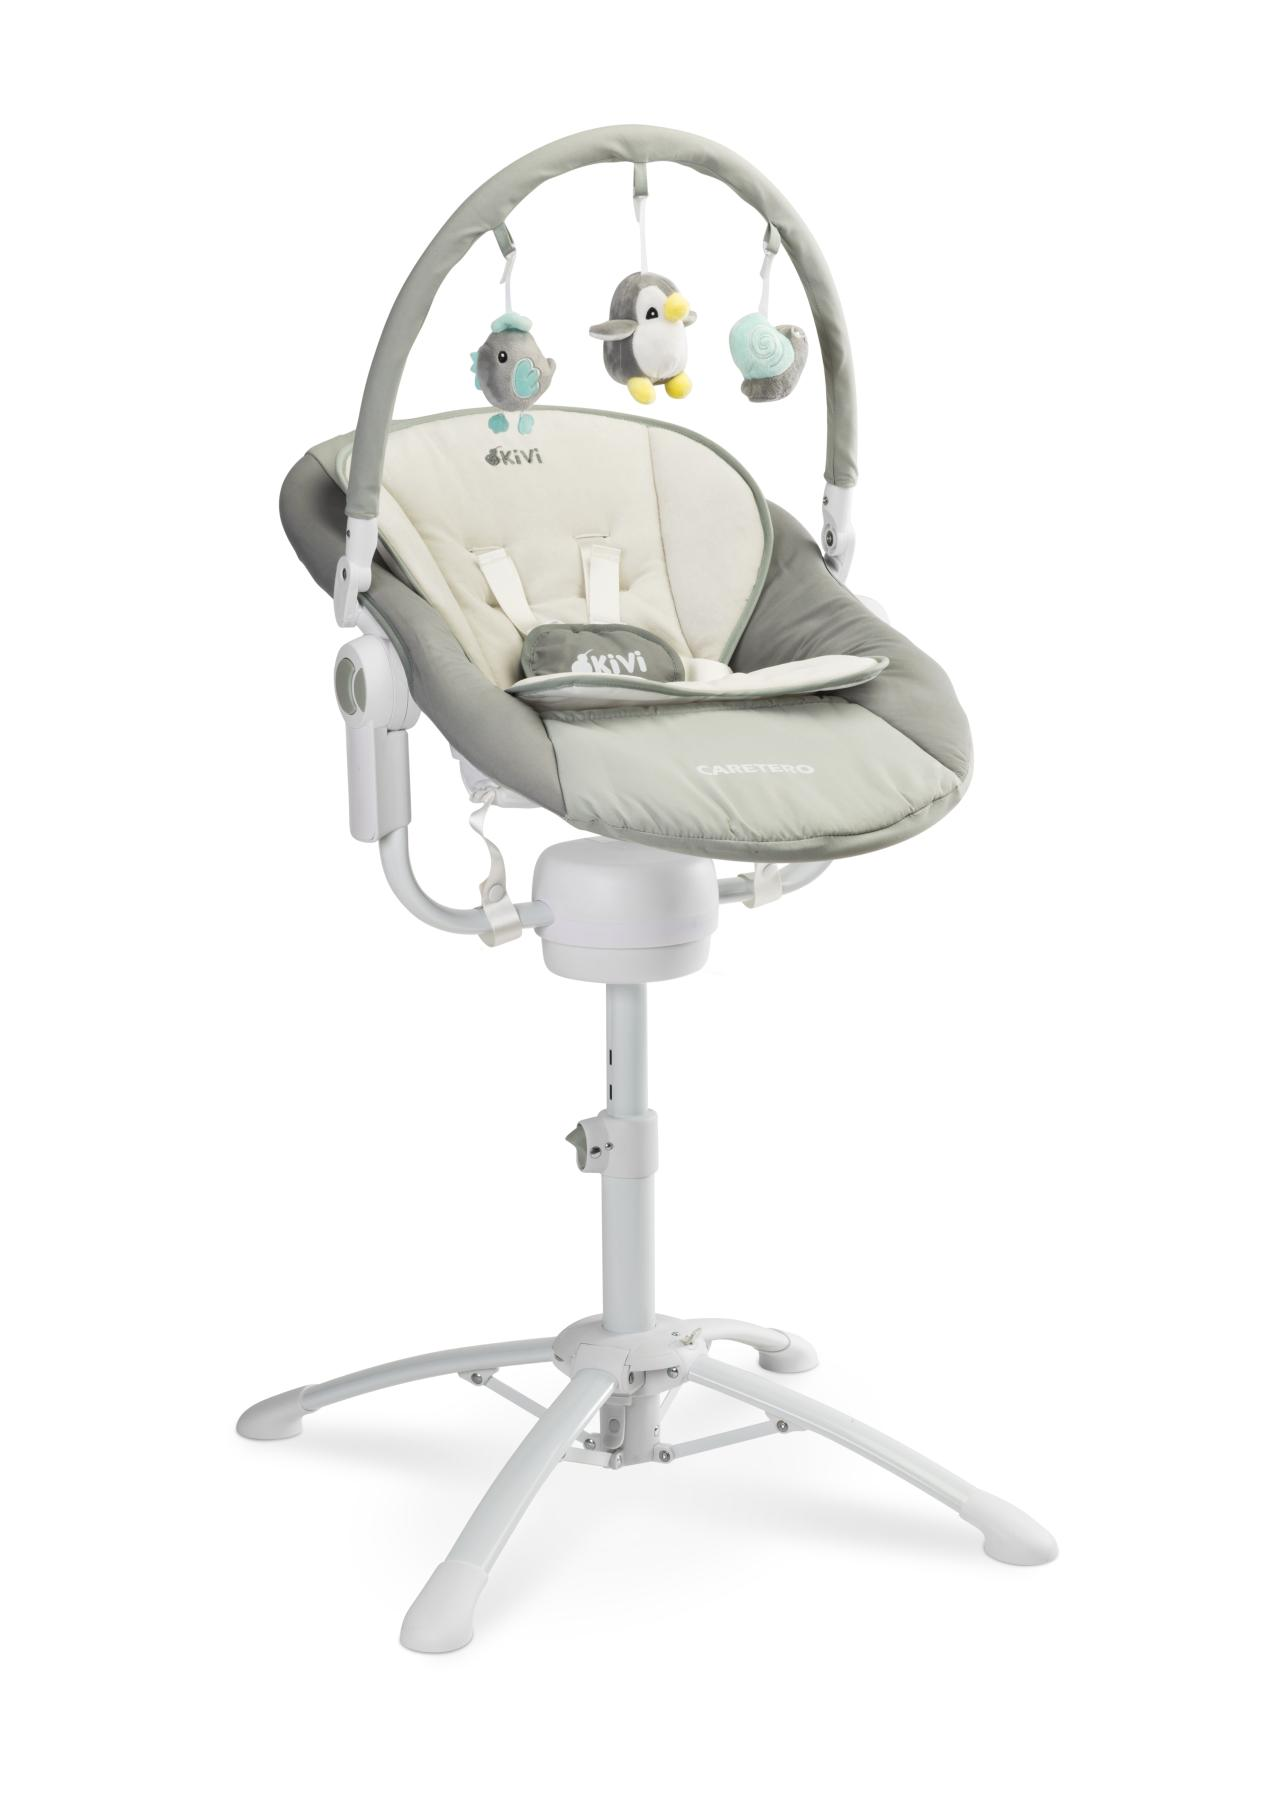 3w1 huśtawka leżaczek krzesełko do karmienia Kivi Caretero grey